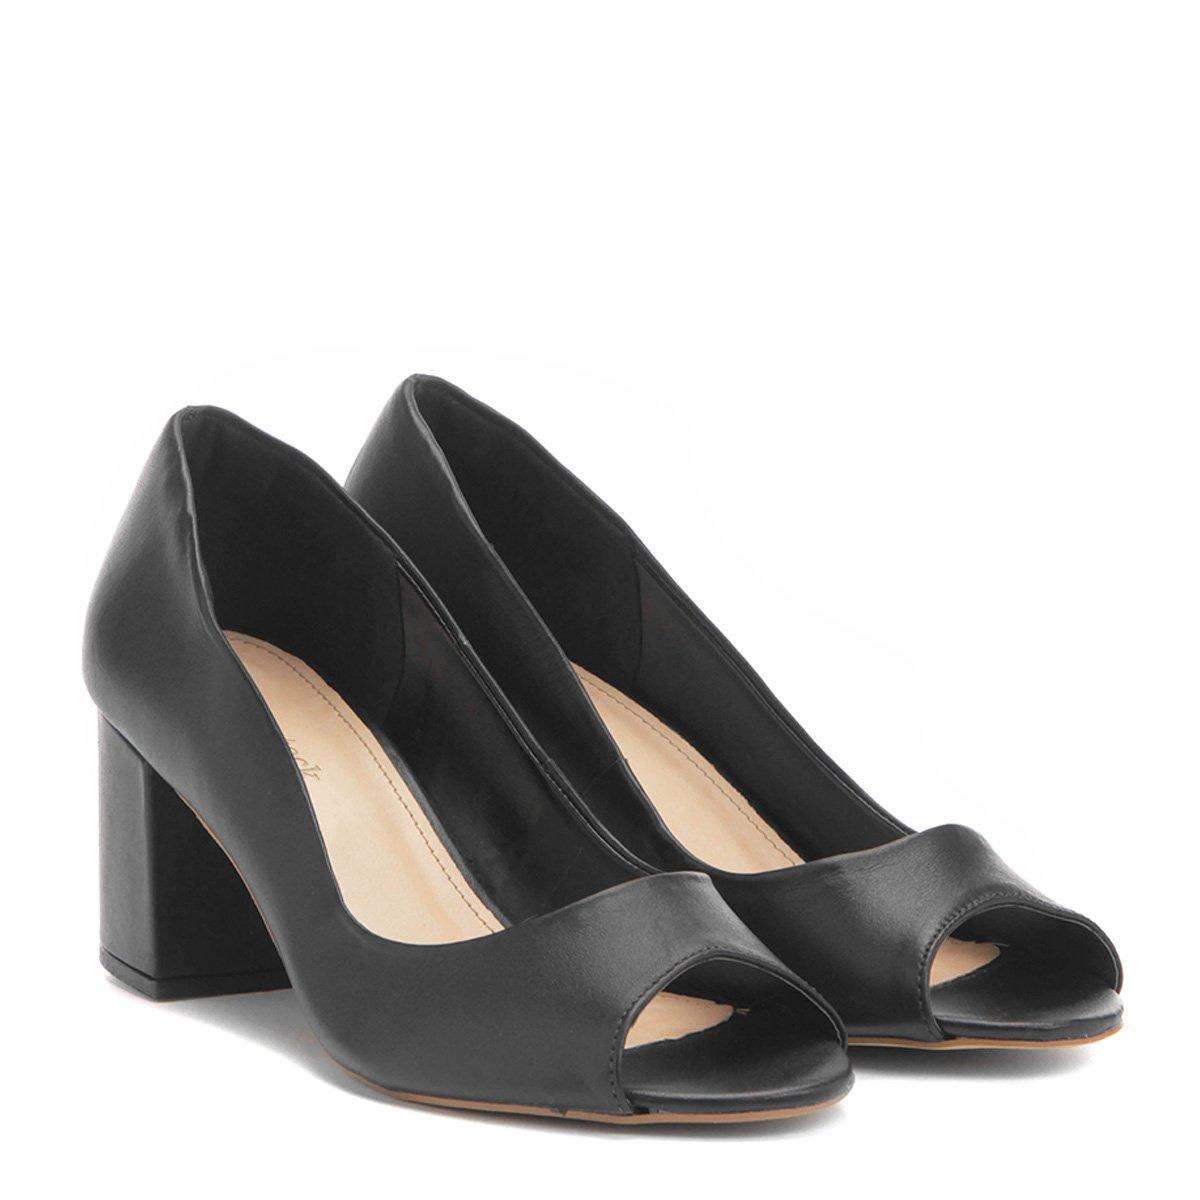 3c8e47799 Peep Toe Couro Shoestock Salto Grosso - Compre Agora